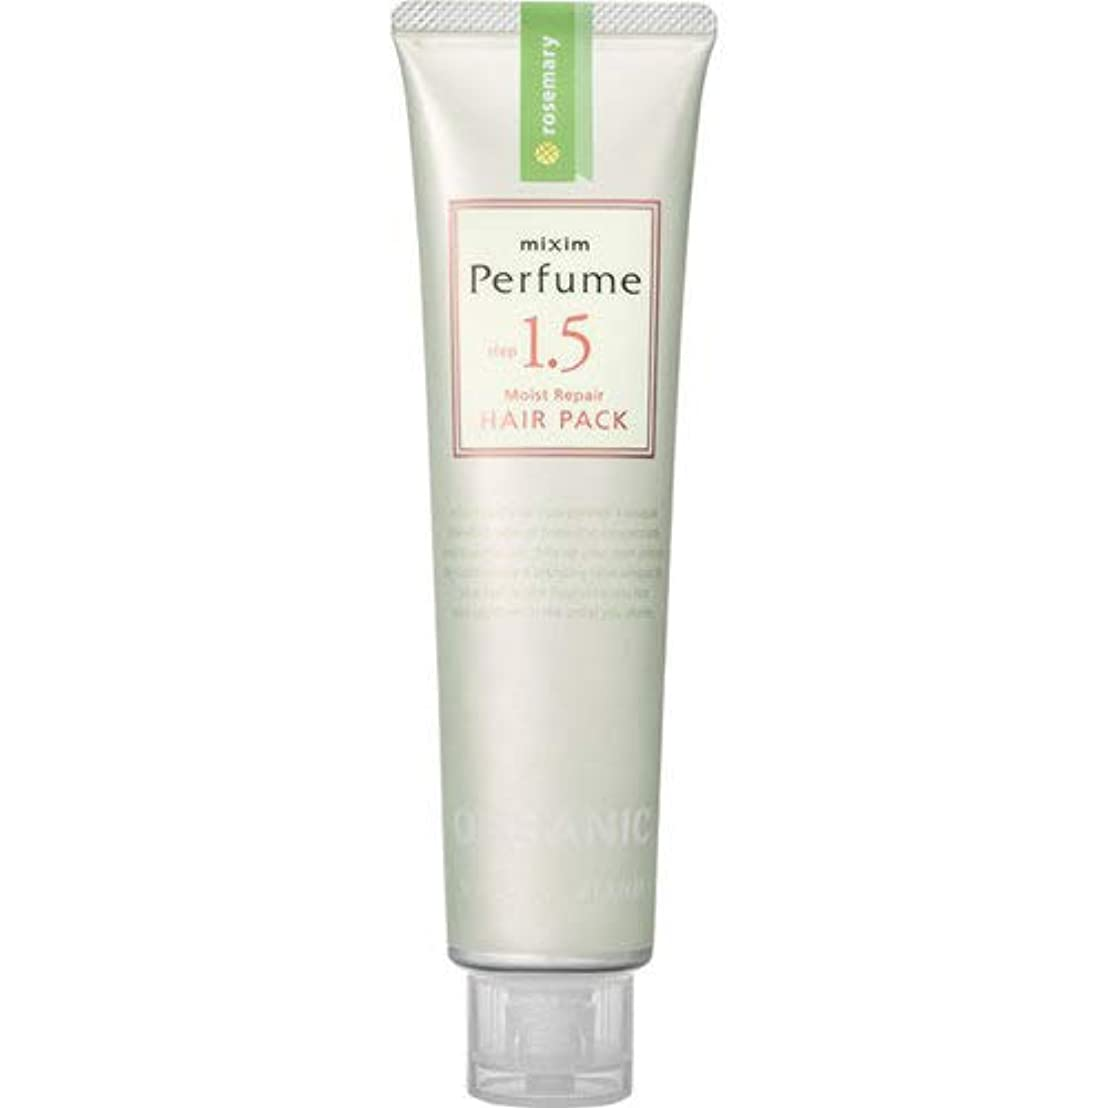 ランク報酬の正確さmixim Perfume(ミクシムパフューム) モイストリペア ヘアパック 130g